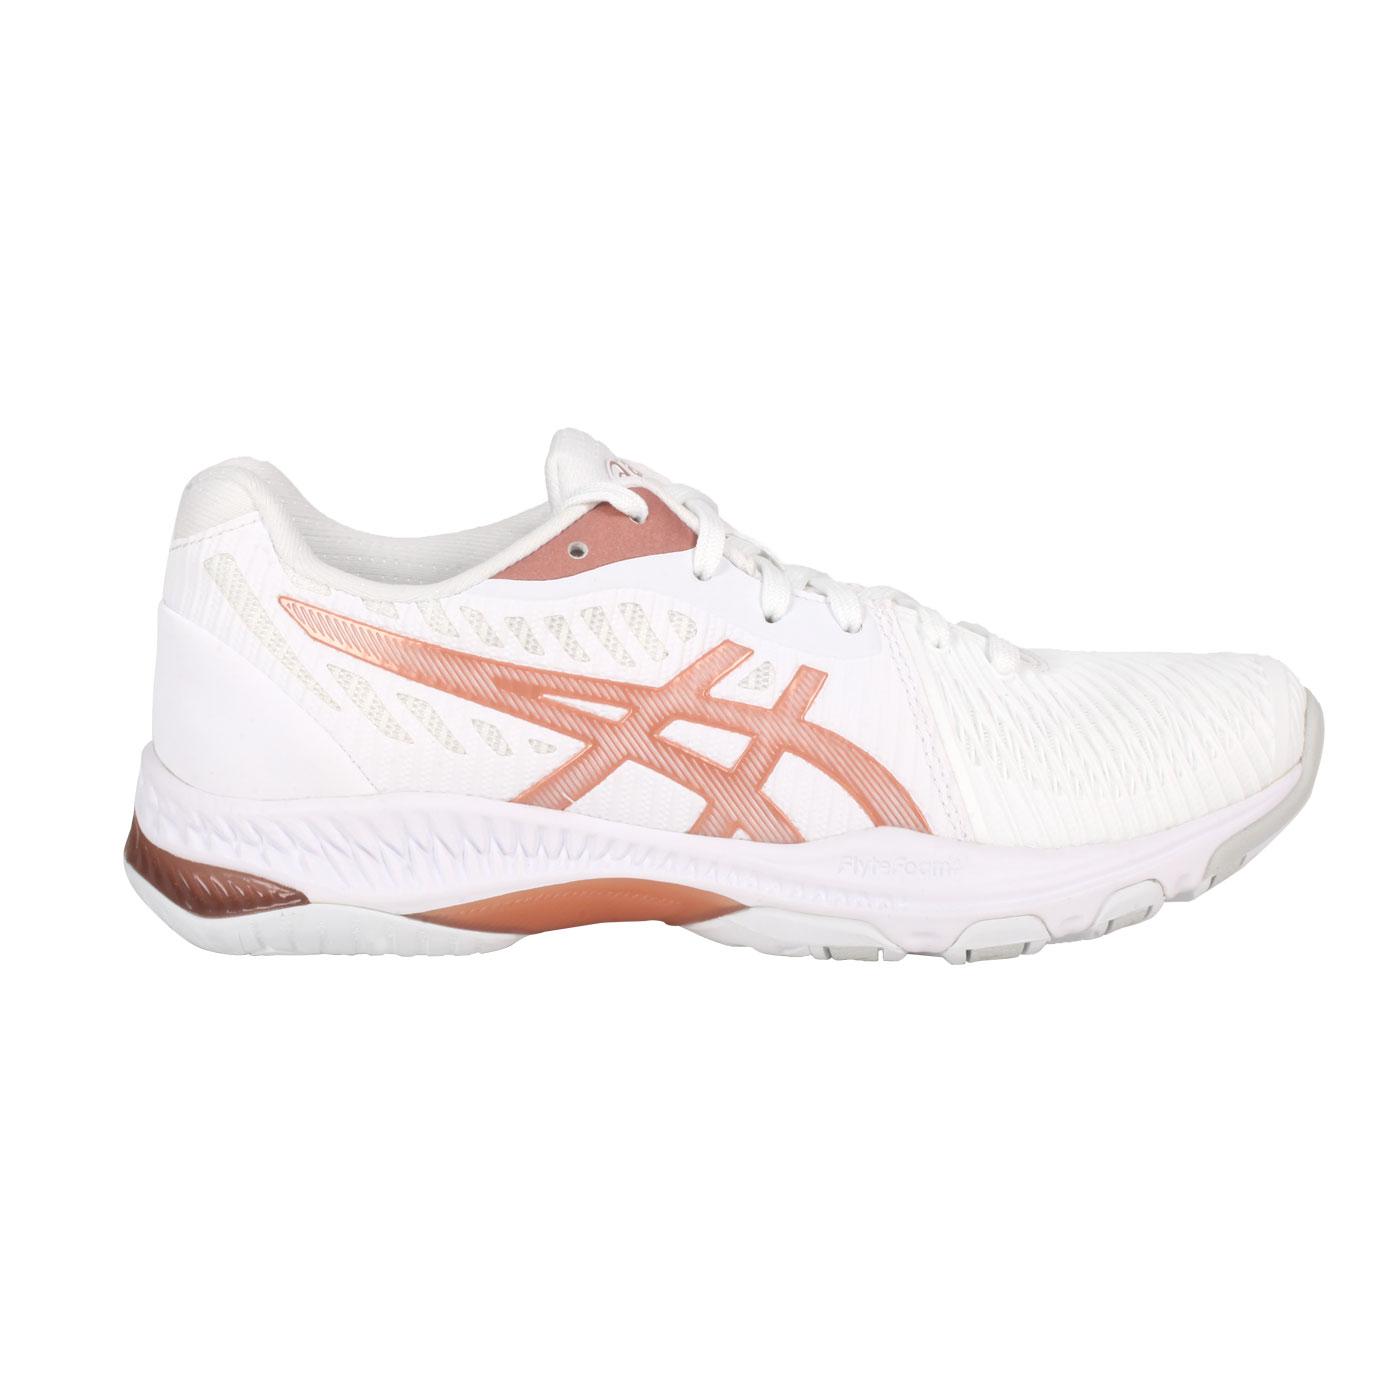 ASICS 男女款排球鞋  @NETBURNER BALLISTIC FF 2@1052A033-102